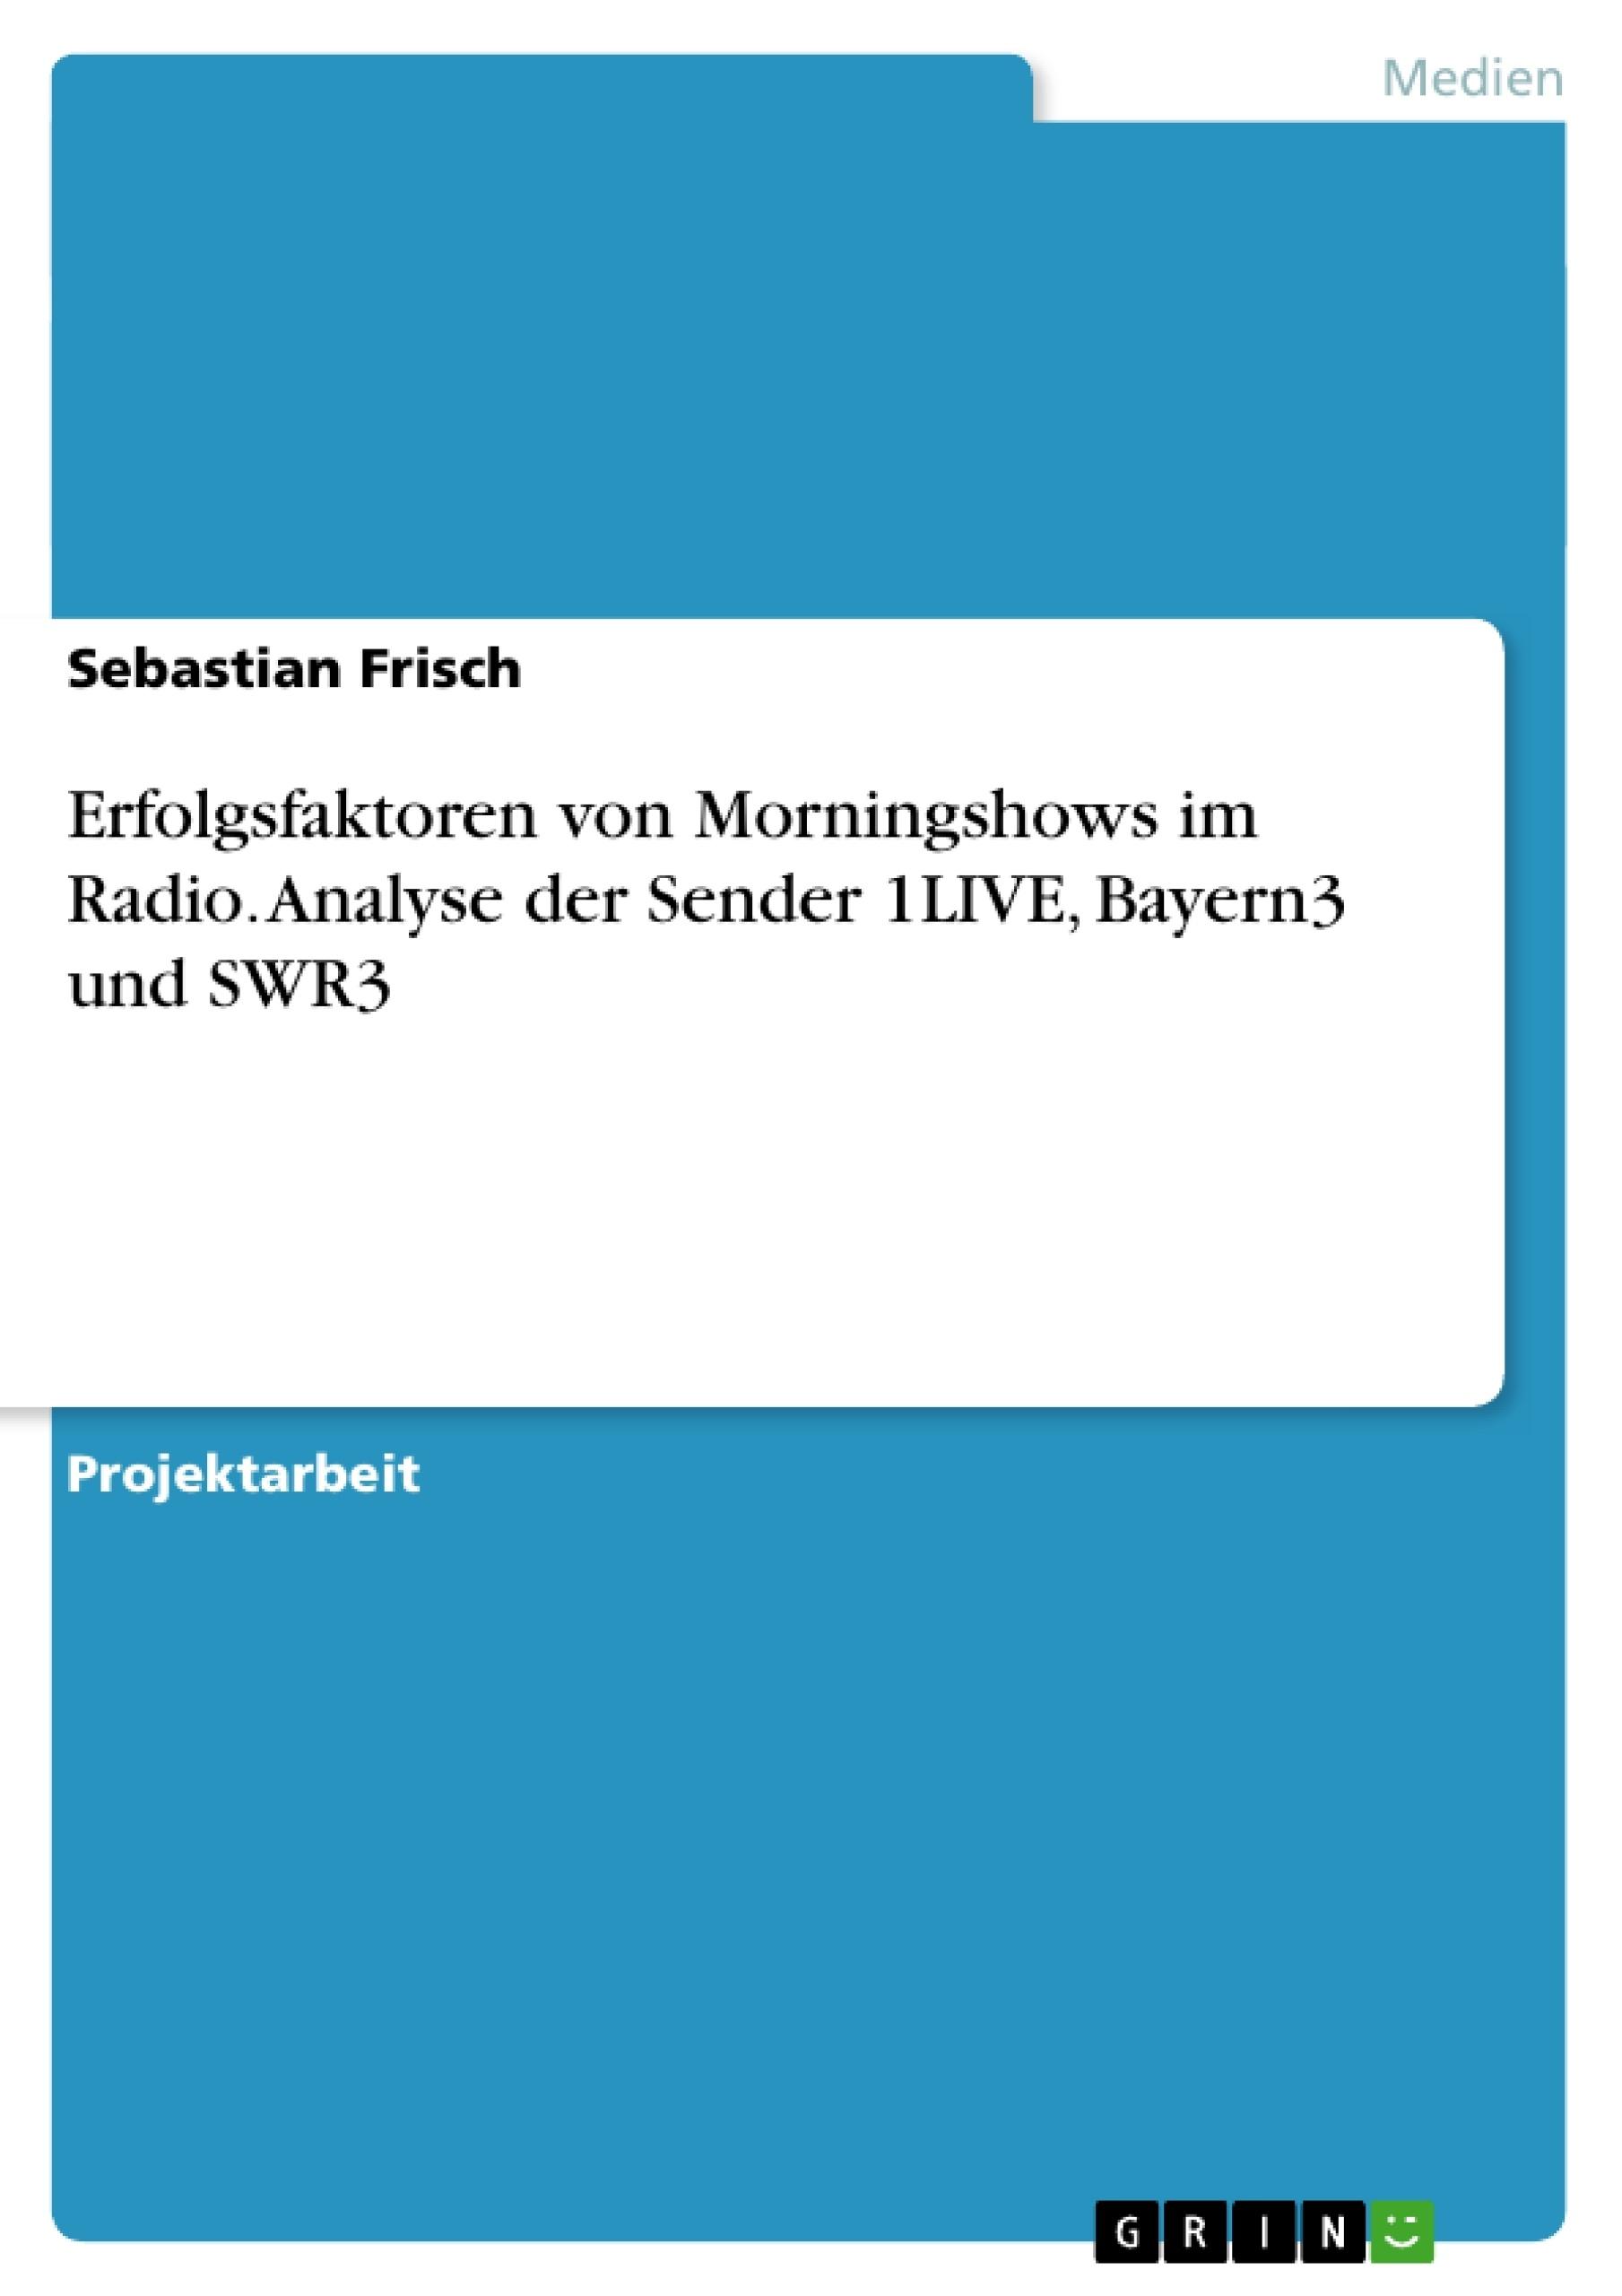 Titel: Erfolgsfaktoren von Morningshows im Radio. Analyse der Sender 1LIVE, Bayern3 und SWR3